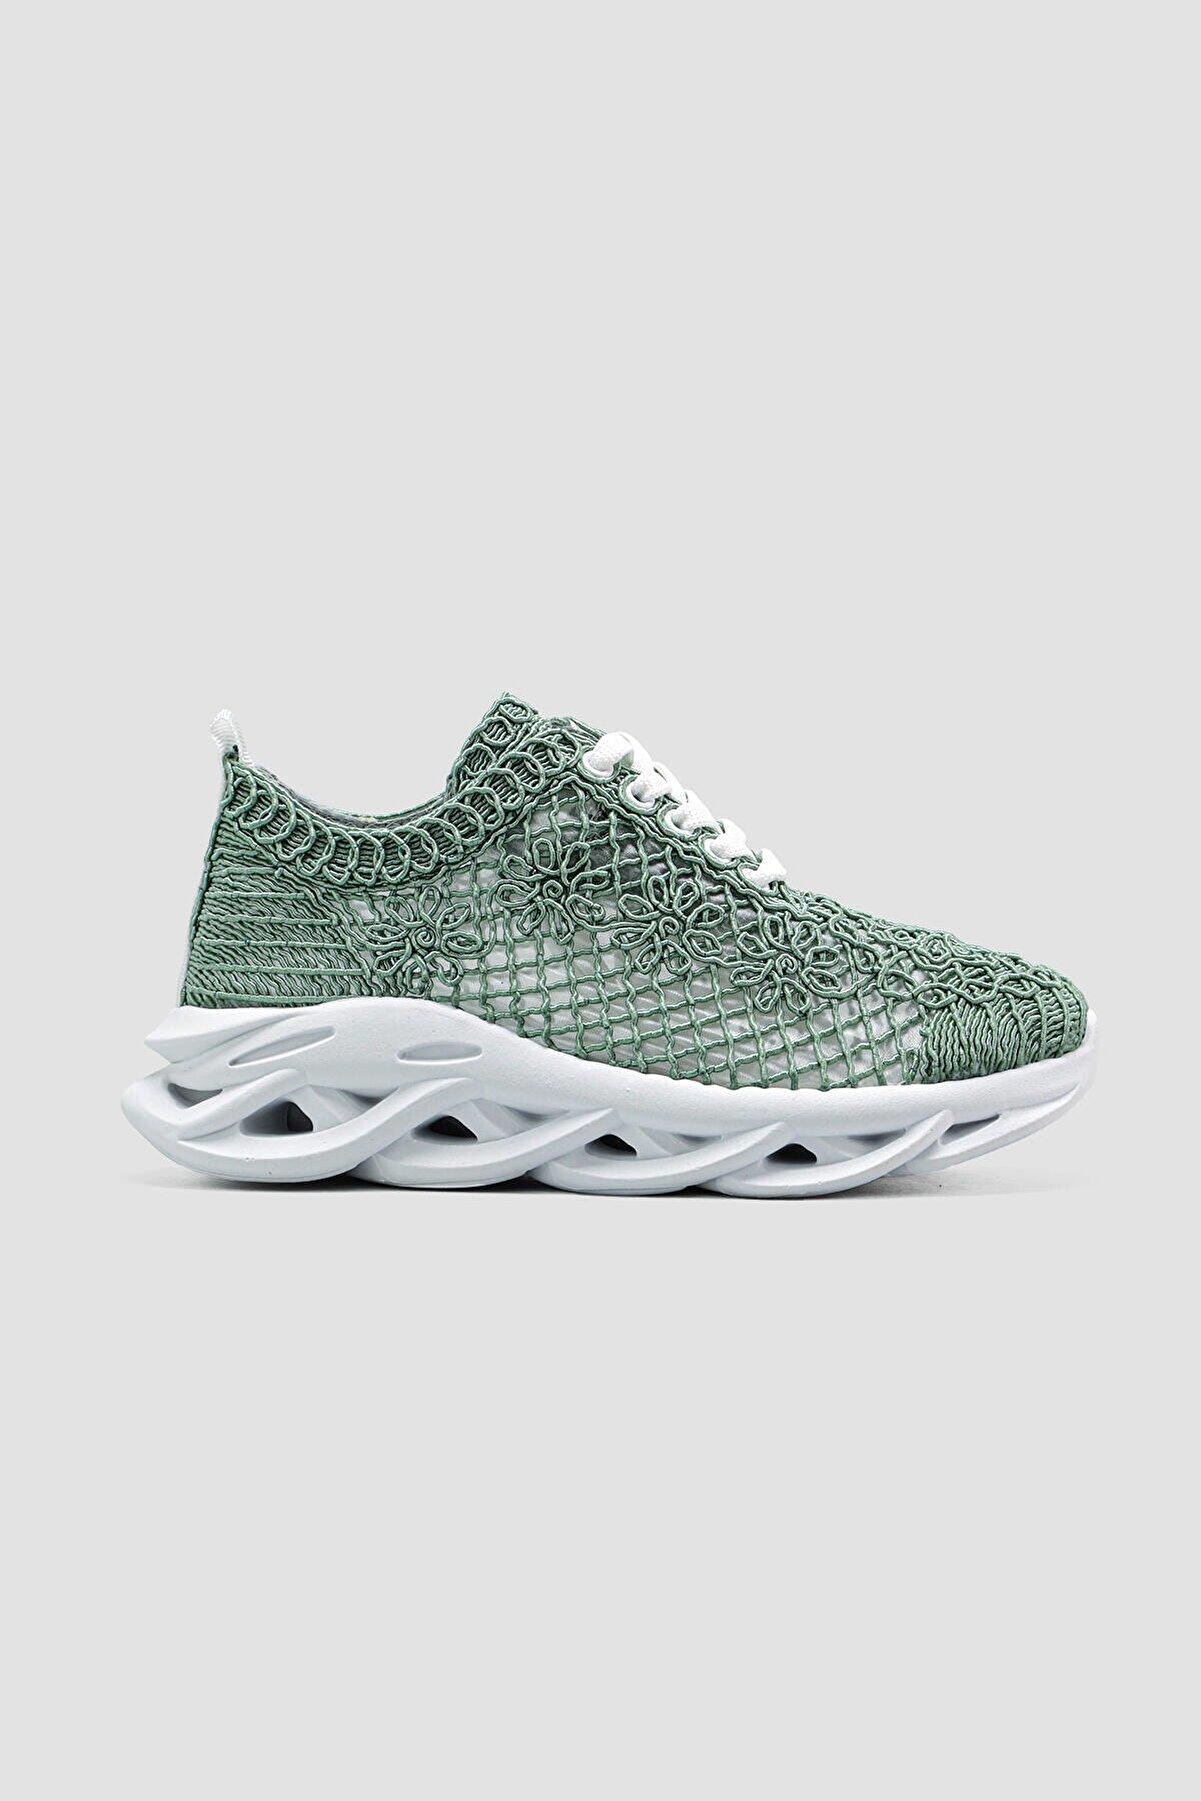 Limoya Earlene Yeşil Nakış Işlemeli Bağcıklı Sneakers Spor Ayakkabı